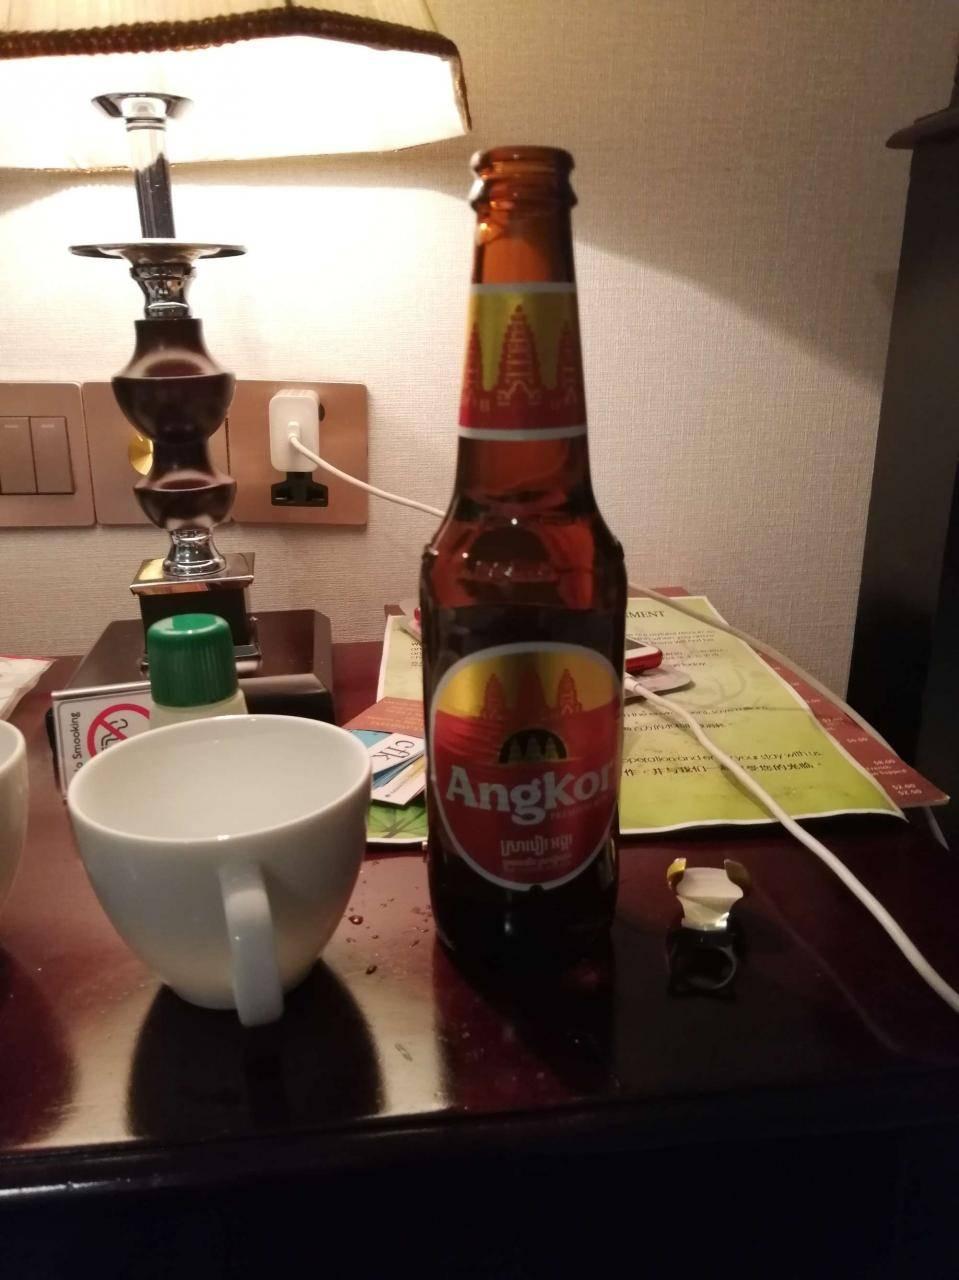 柬埔寨啤酒价格-一盒柬埔寨吴哥啤酒多少钱-大麦丫-精酿啤酒连锁超市,工厂店平价酒吧免费加盟